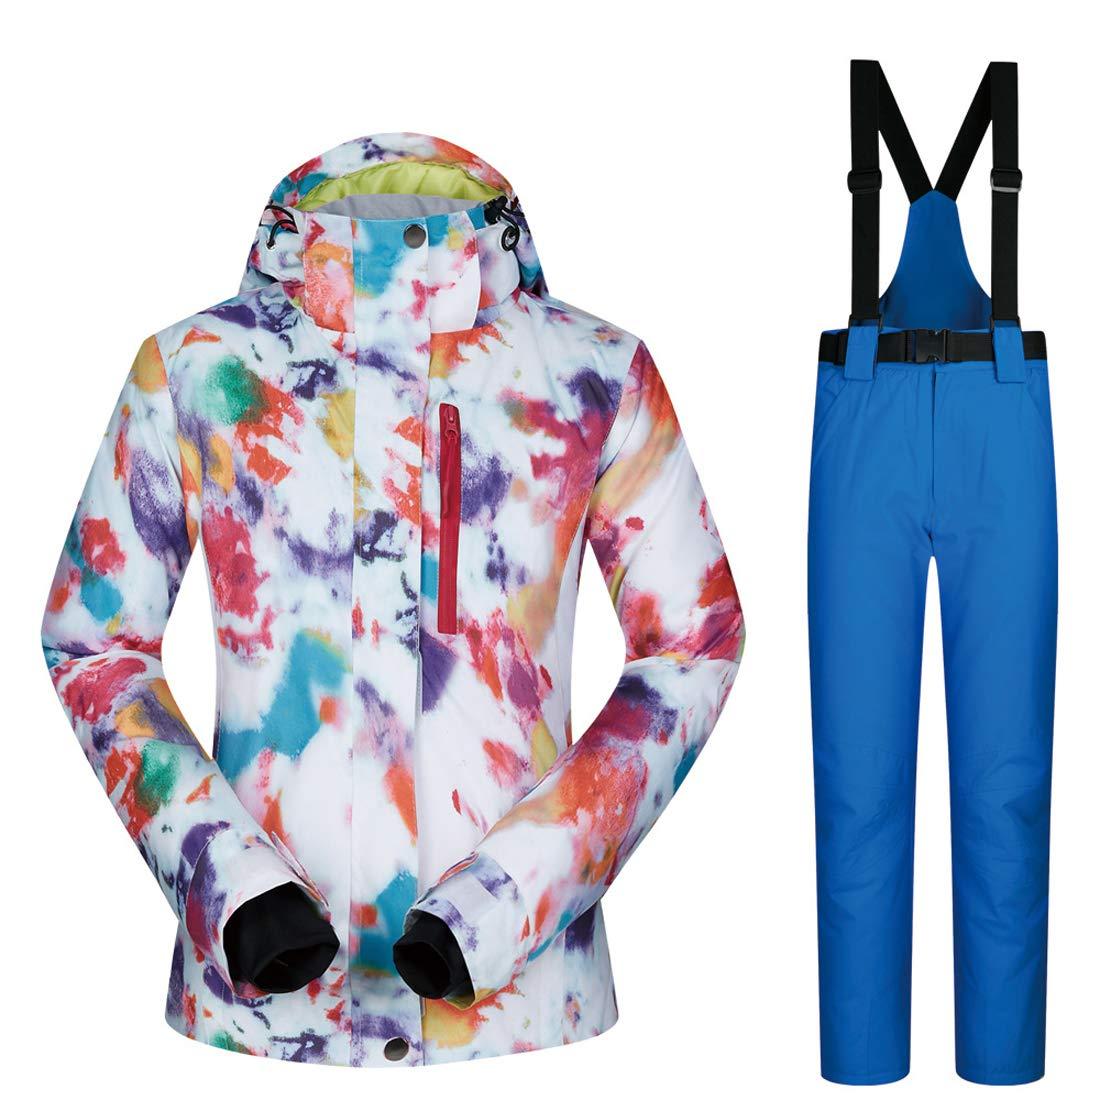 スキーウェア レディース 上下セット スノーボード ウェア ジャケット パンツ ズボン スキースーツ スノーボードウェア セットアップ 保温 防寒 防風 撥水 防水 女性 アウタージャケット スーツ スポーツコート スノボウェア 上着+ロイヤルブルー Large